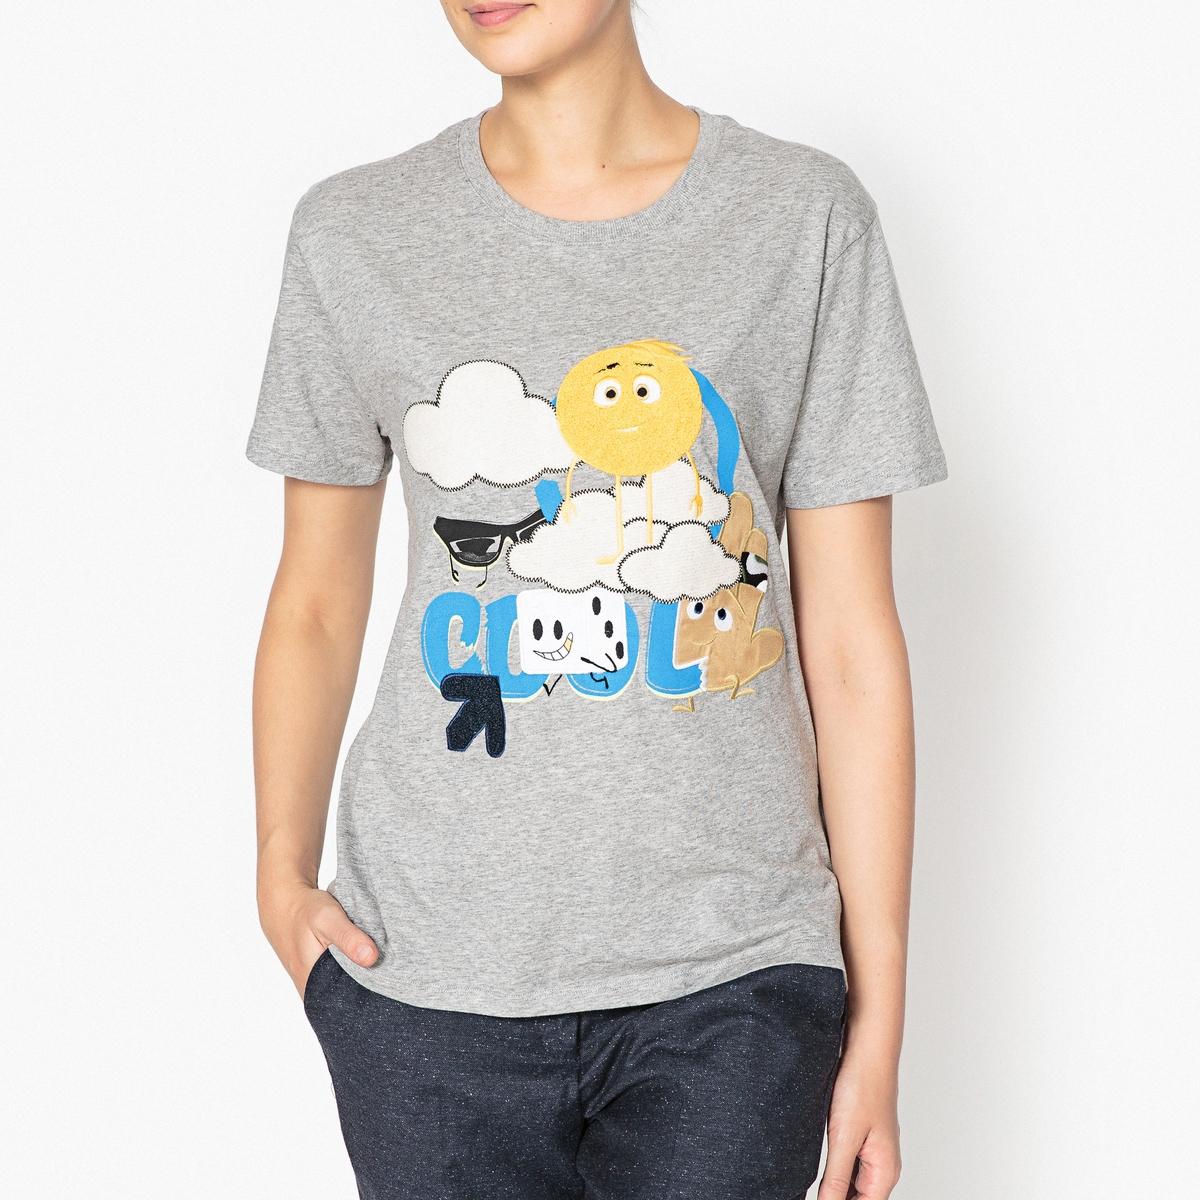 Футболка с рисунком Emoji Movie TEAMОписание:Футболка  PAUL AND JOE SISTER - модель TEAM с рисунком  Emoji Movie.Детали •  Короткие рукава •  Круглый вырез •  Рисунок спередиСостав и уход •  100% хлопок •  Следуйте советам по уходу, указанным на этикетке<br><br>Цвет: серый<br>Размер: XS